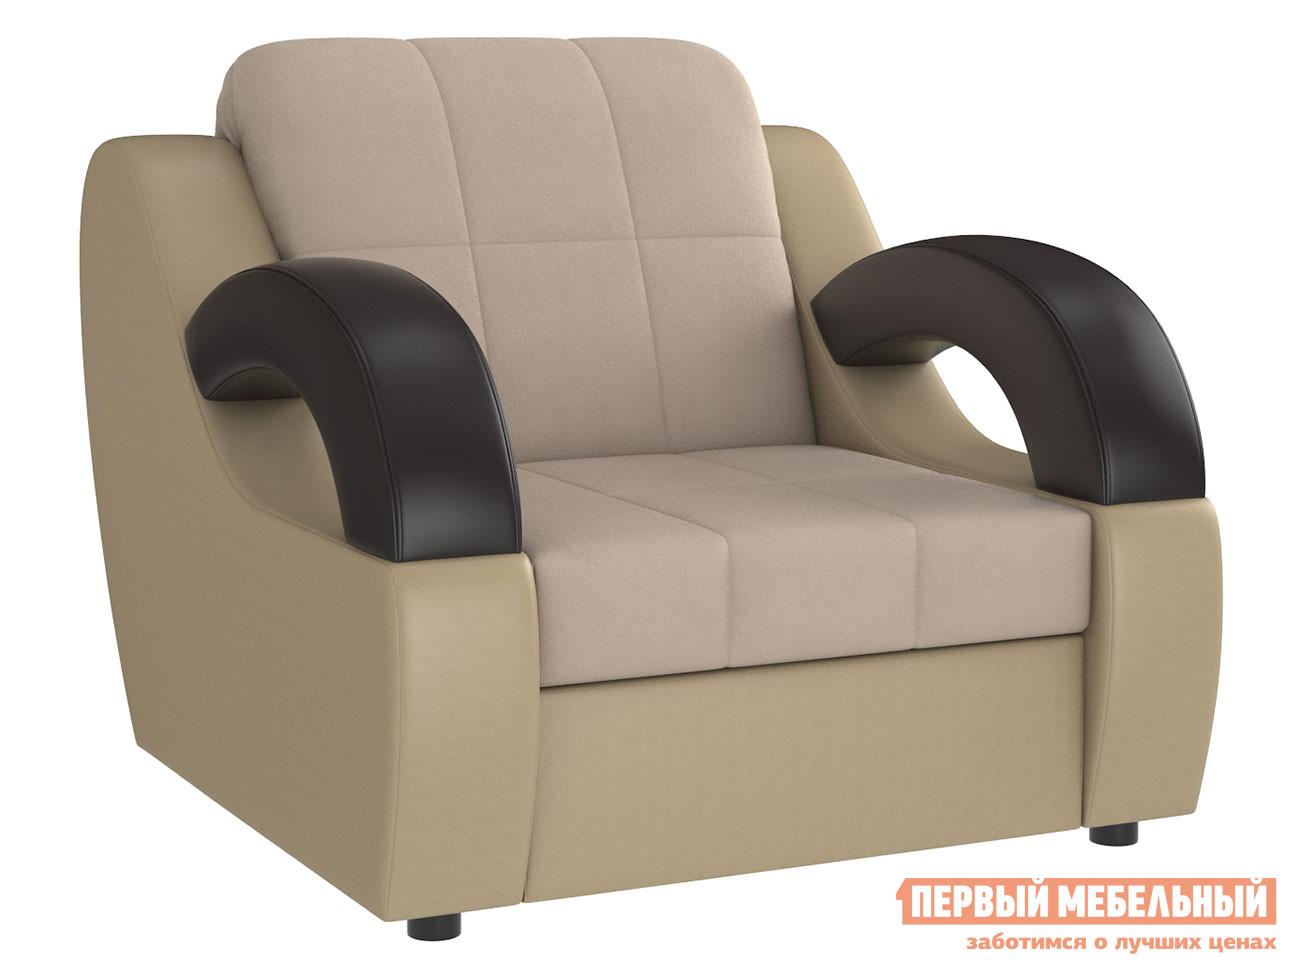 Кресло-кровать Первый Мебельный Кресло-кровать Круз / Кресло-кровать Круз Люкс